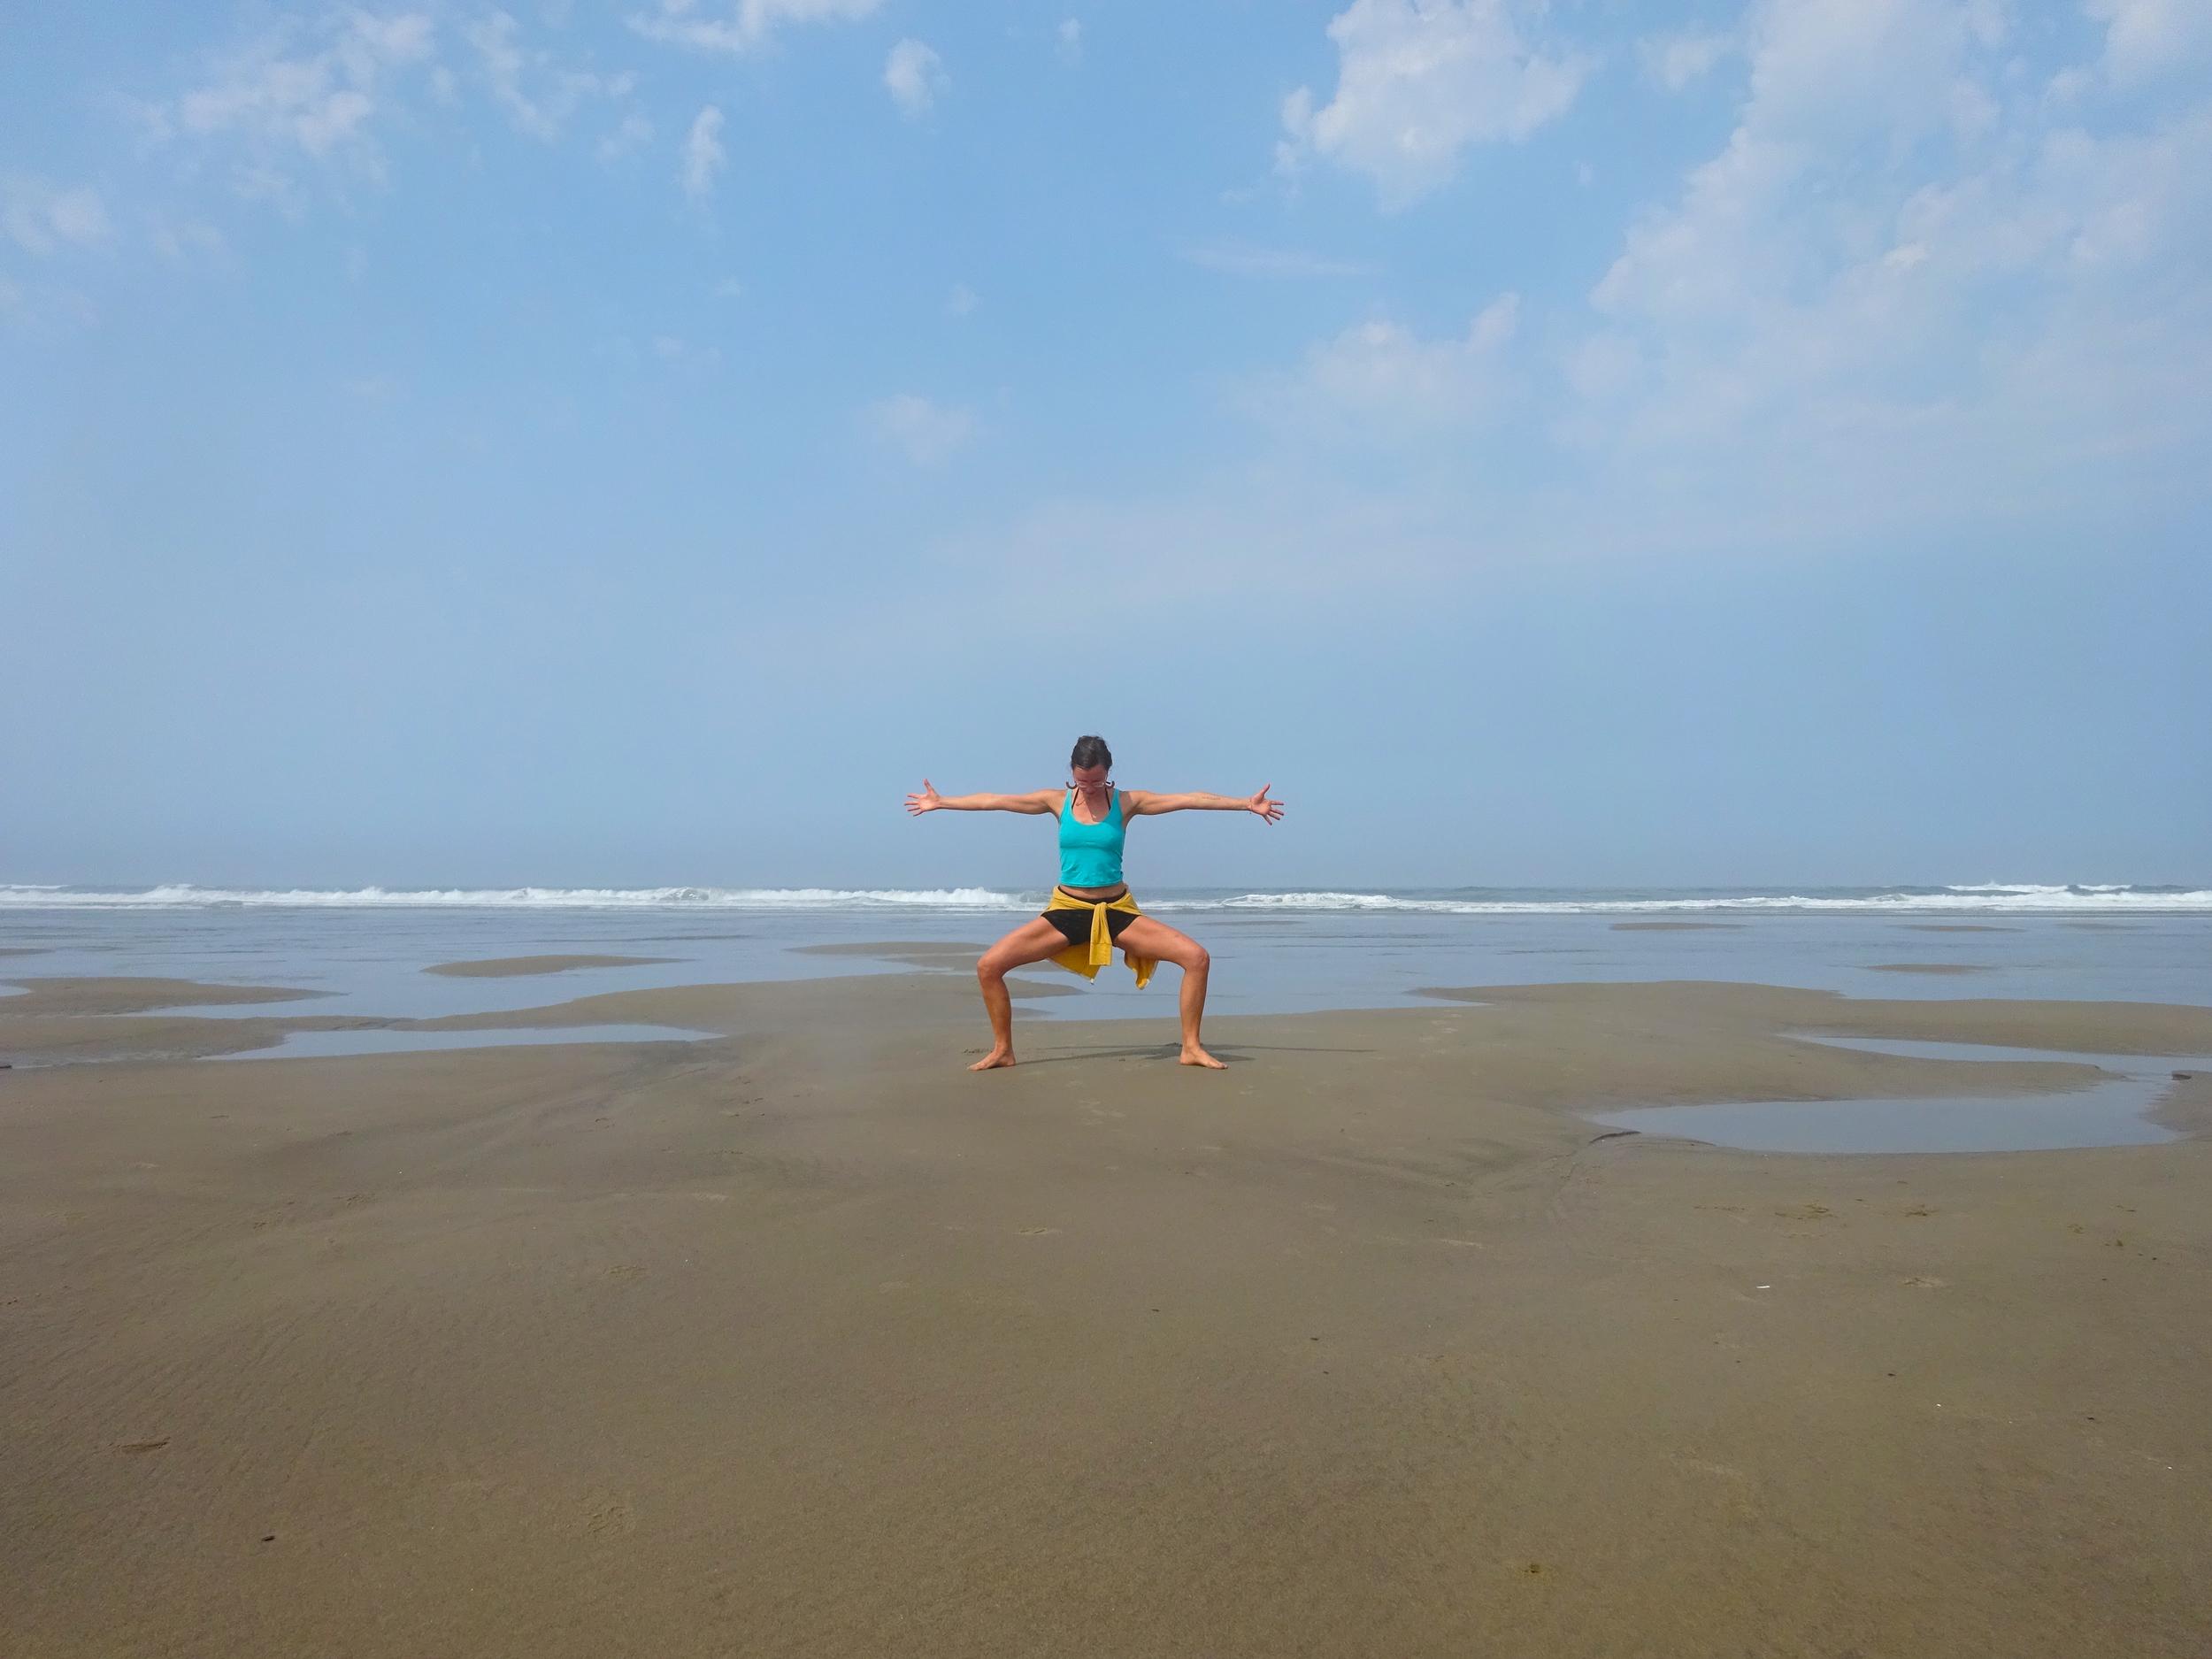 beach2.8.16.jpg